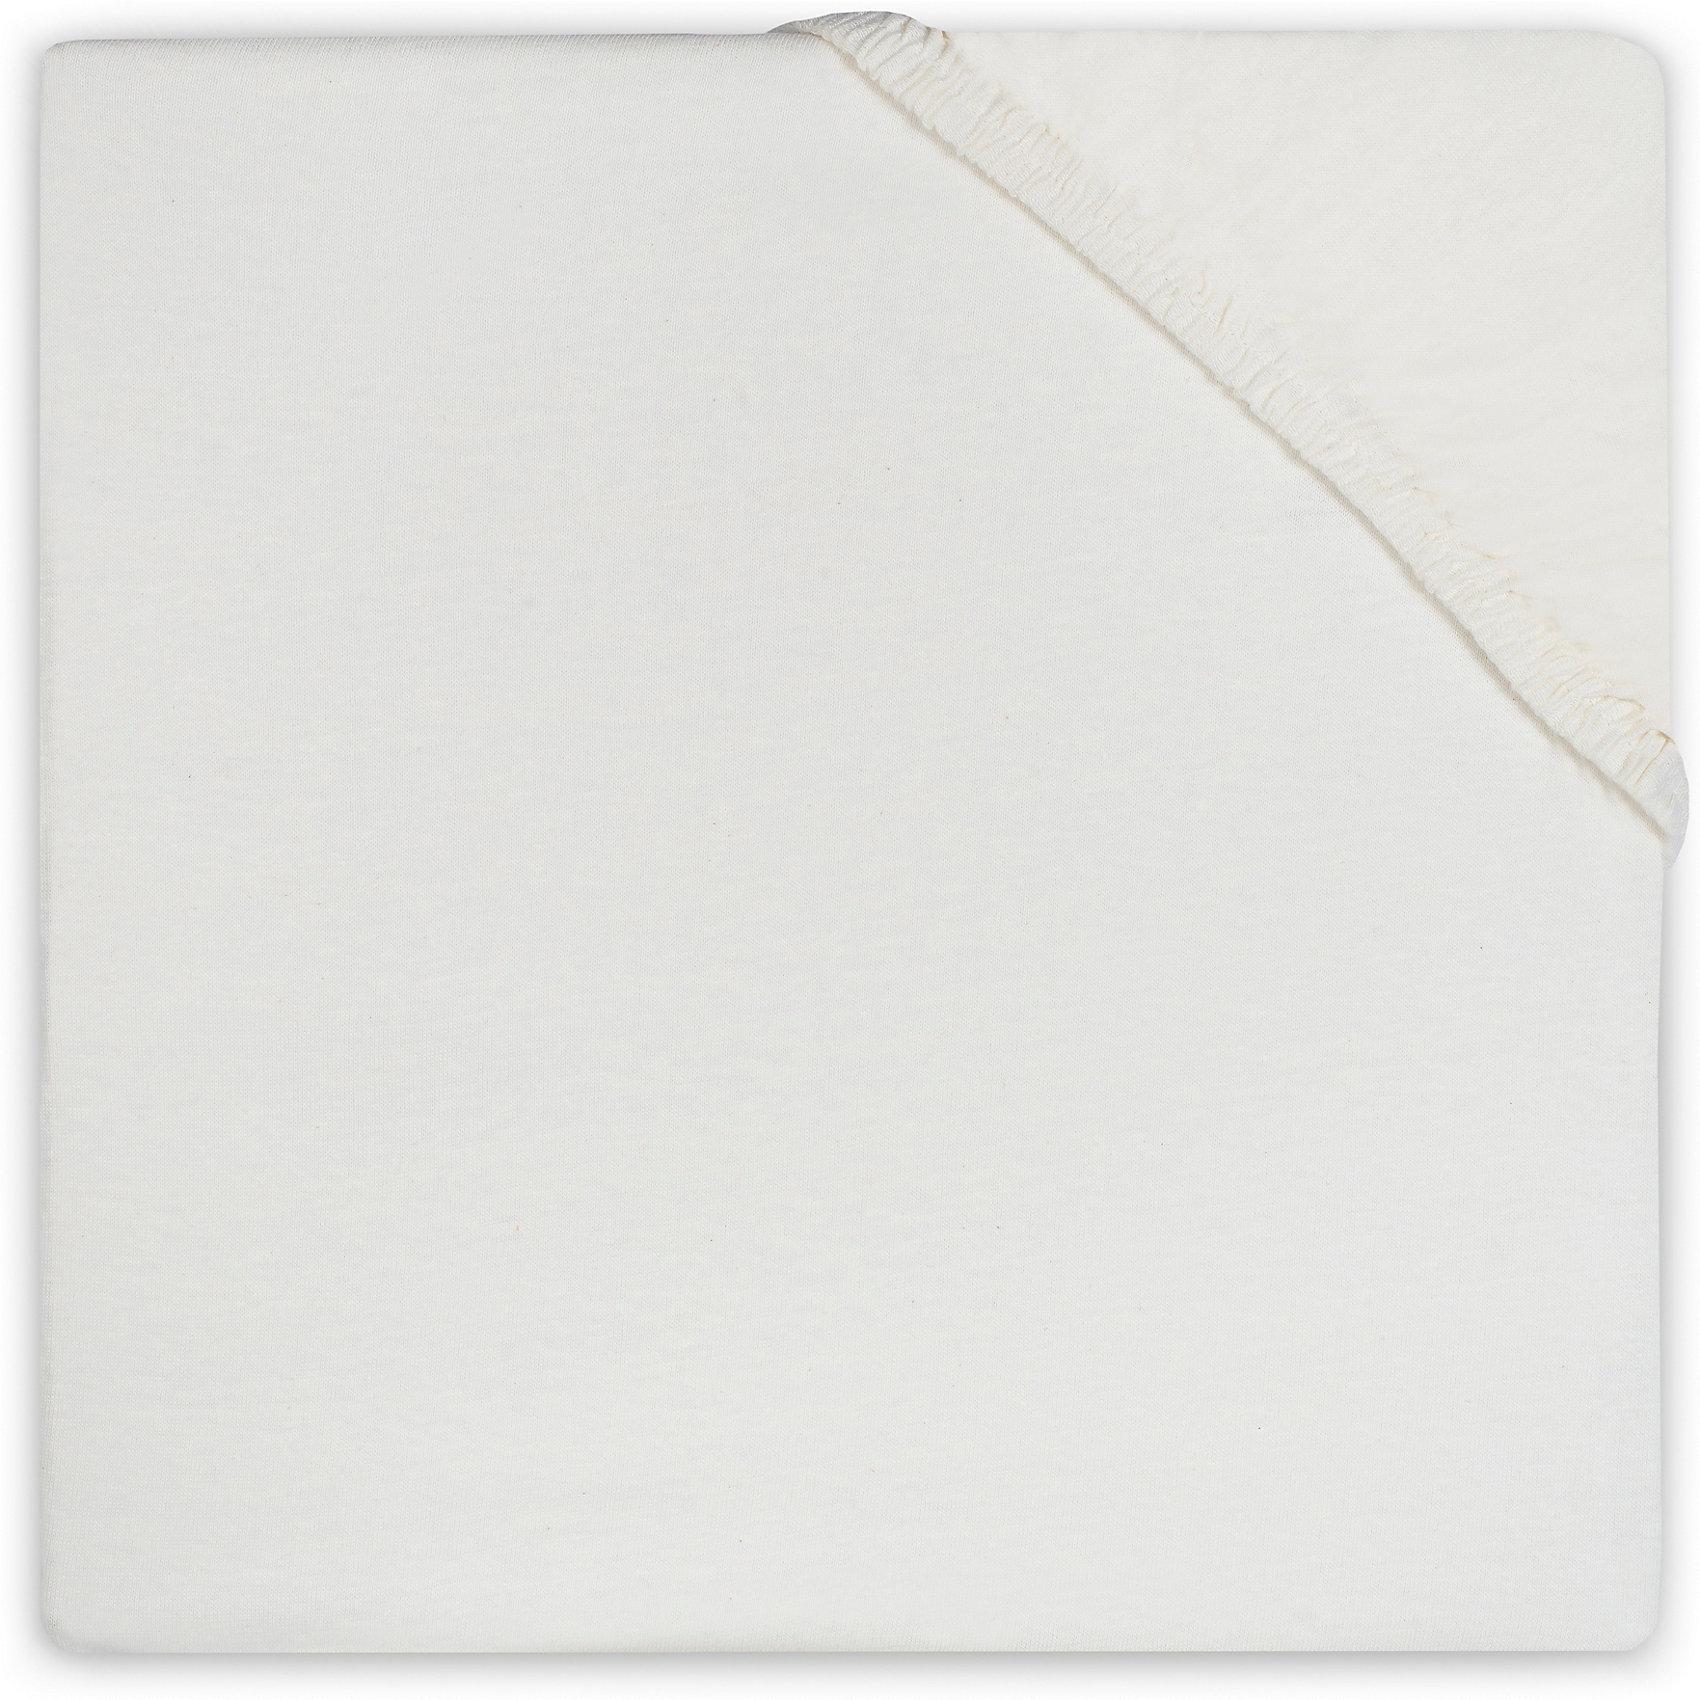 Простыня на резинке 70х140 см, Jollein, EcruПостельное бельё<br>Характеристики:<br><br>• Вид детского текстиля: простыня на резинке<br>• Пол: универсальный<br>• Цвет: экрю<br>• Тематика рисунка: без рисунка<br>• Материал: 100% хлопок <br>• Размер: 70*140 см<br>• Вес: 300 г<br>• Особенности ухода: машинная или ручная стирка при температуре не более 60 градусов<br><br>Простыня на резинке 70х140 см, Jollein, Ecru от торговой марки Жолляйн, которая является признанным лидером среди аналогичных брендов, выпускающих детское постельное белье и текстиль для новорожденных. Продукция этого торгового бренда отличается высоким качеством и дизайнерским стилем. <br><br>Простыня выполнена из натурального хлопка, который обладает высокими гигиеническими и гигроскопическими свойствами. Легко стирается и быстро высыхает. Простыня на резинке плотно и хорошо садится на матрасик, что препятствует ее сбиванию и образованию складок, даже если ребенок спит неспокойно. <br><br>Простынь выполнена в однотонном цвете, поэтому она подойдет к любому комплекту постельного белья. Простыня на резинке 70х140 см, Jollein, Ecru – это стиль и качество для сладких сновидений вашего малыша!<br><br>Простыню на резинке 70х140 см, Jollein, Ecru можно купить в нашем интернет-магазине.<br><br>Ширина мм: 200<br>Глубина мм: 240<br>Высота мм: 30<br>Вес г: 320<br>Возраст от месяцев: 0<br>Возраст до месяцев: 36<br>Пол: Унисекс<br>Возраст: Детский<br>SKU: 5367125